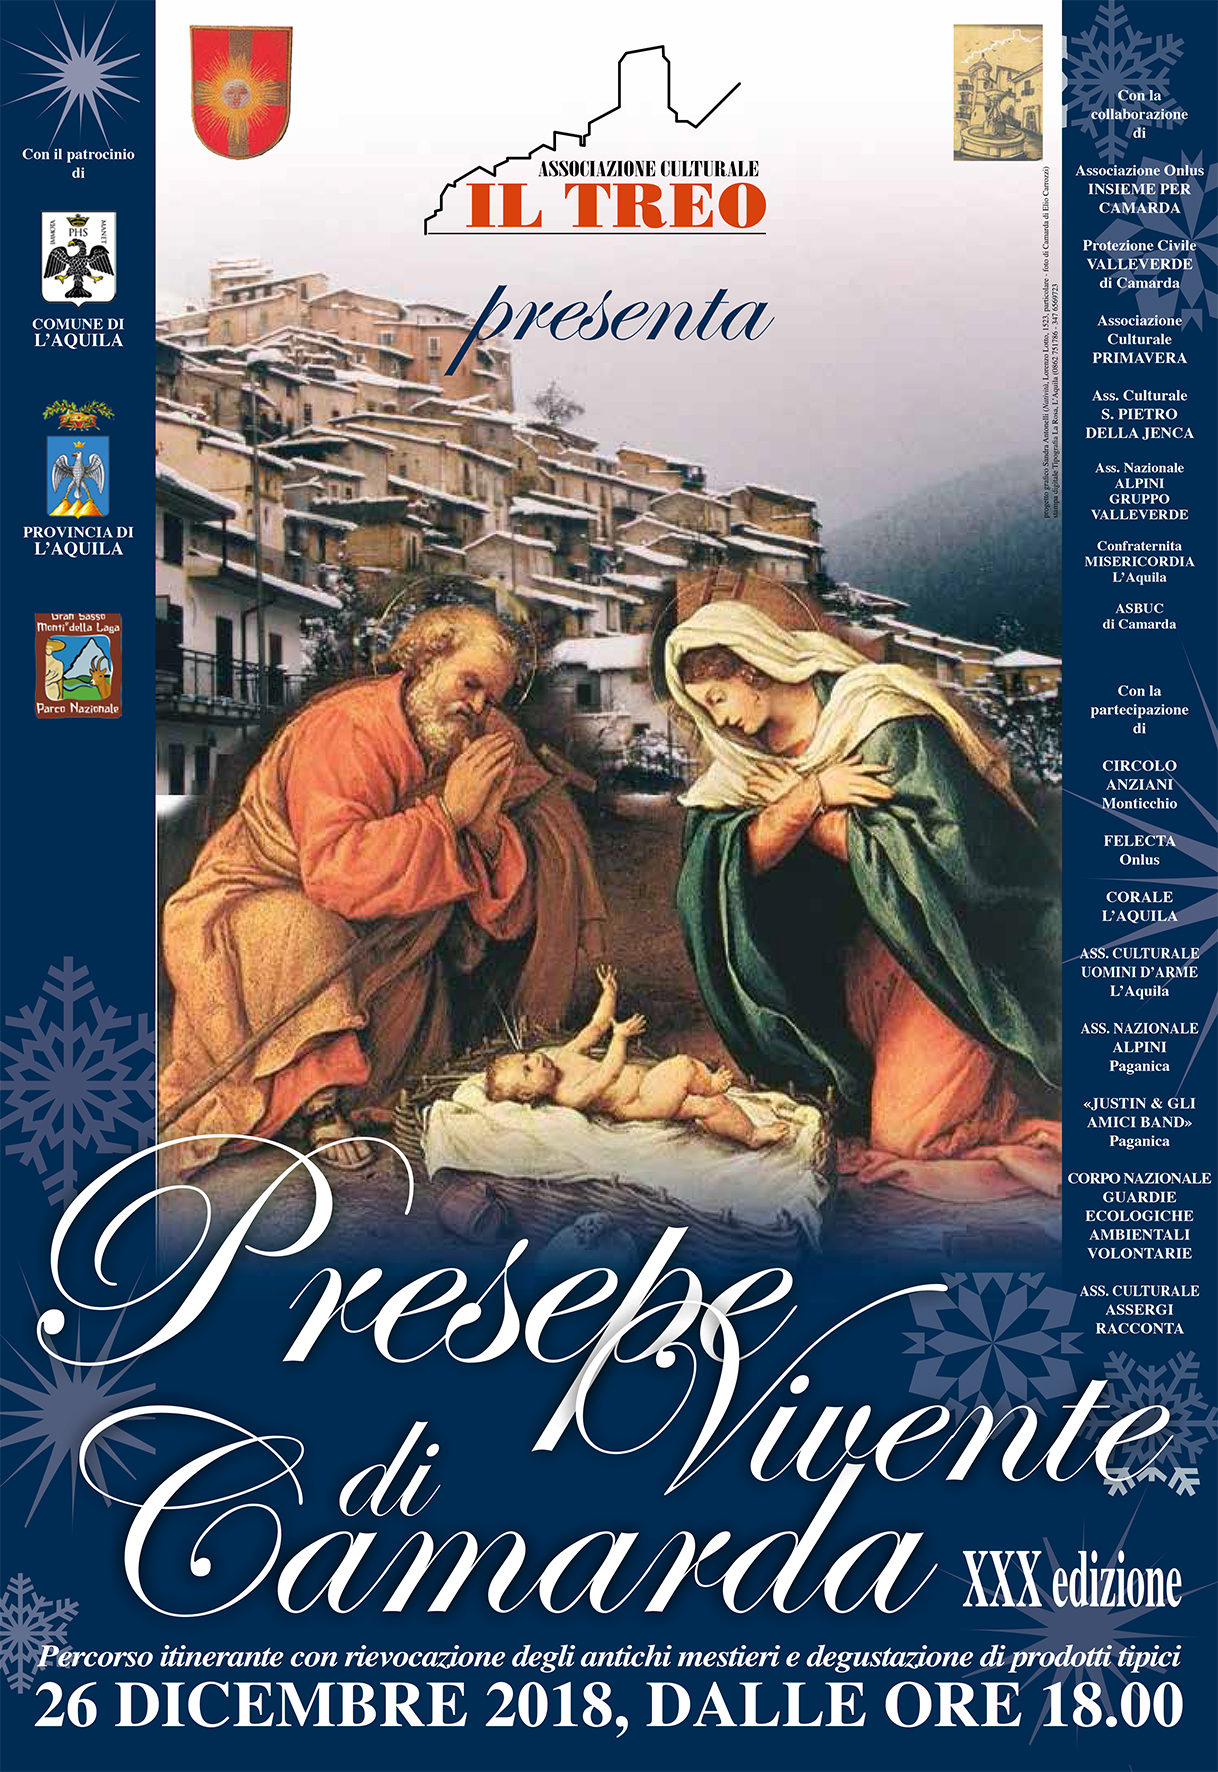 PRESEPE VIVENTE DI CAMARDA, XXX EDIZIONE MERCOLEDI 26 DICEMBRE 2018, ORE 18